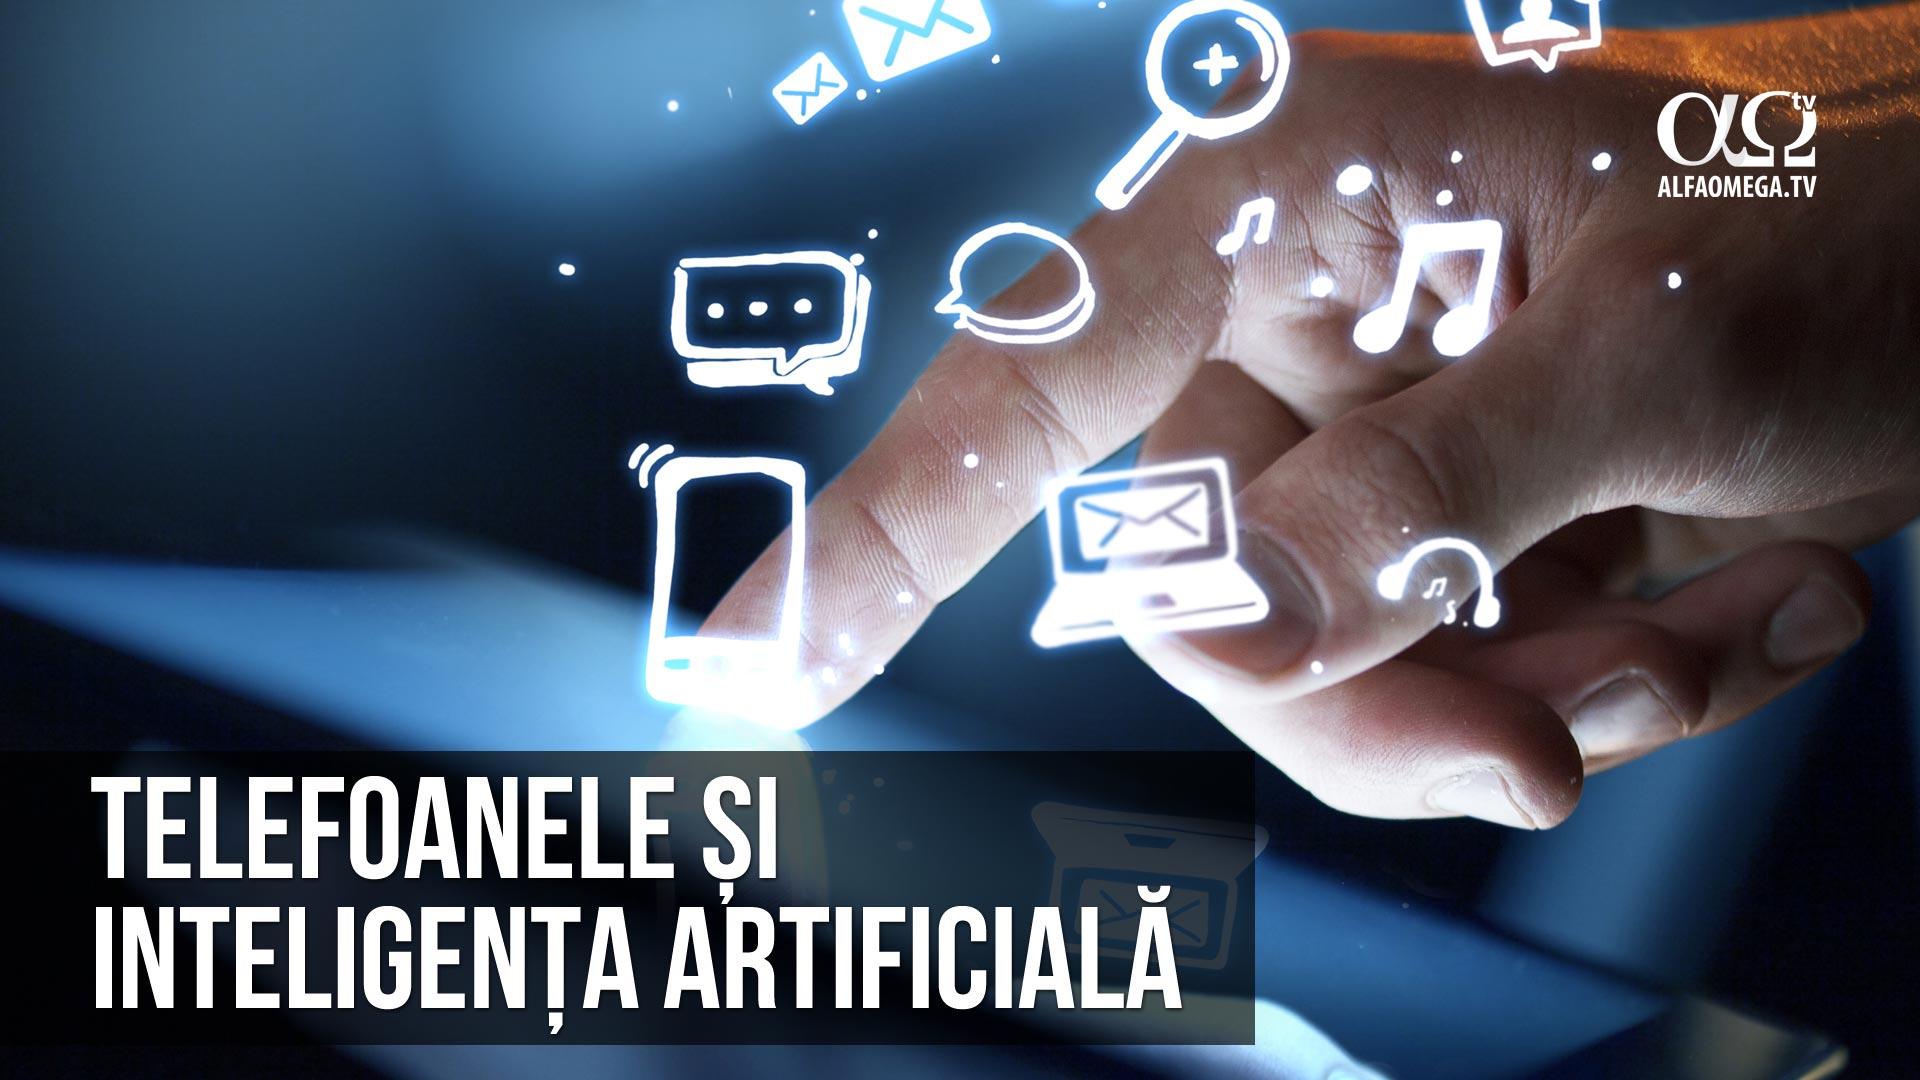 Telefoanele și inteligența artificială – asistenții virtuali sunt tot mai prezenți și mai inteligenți